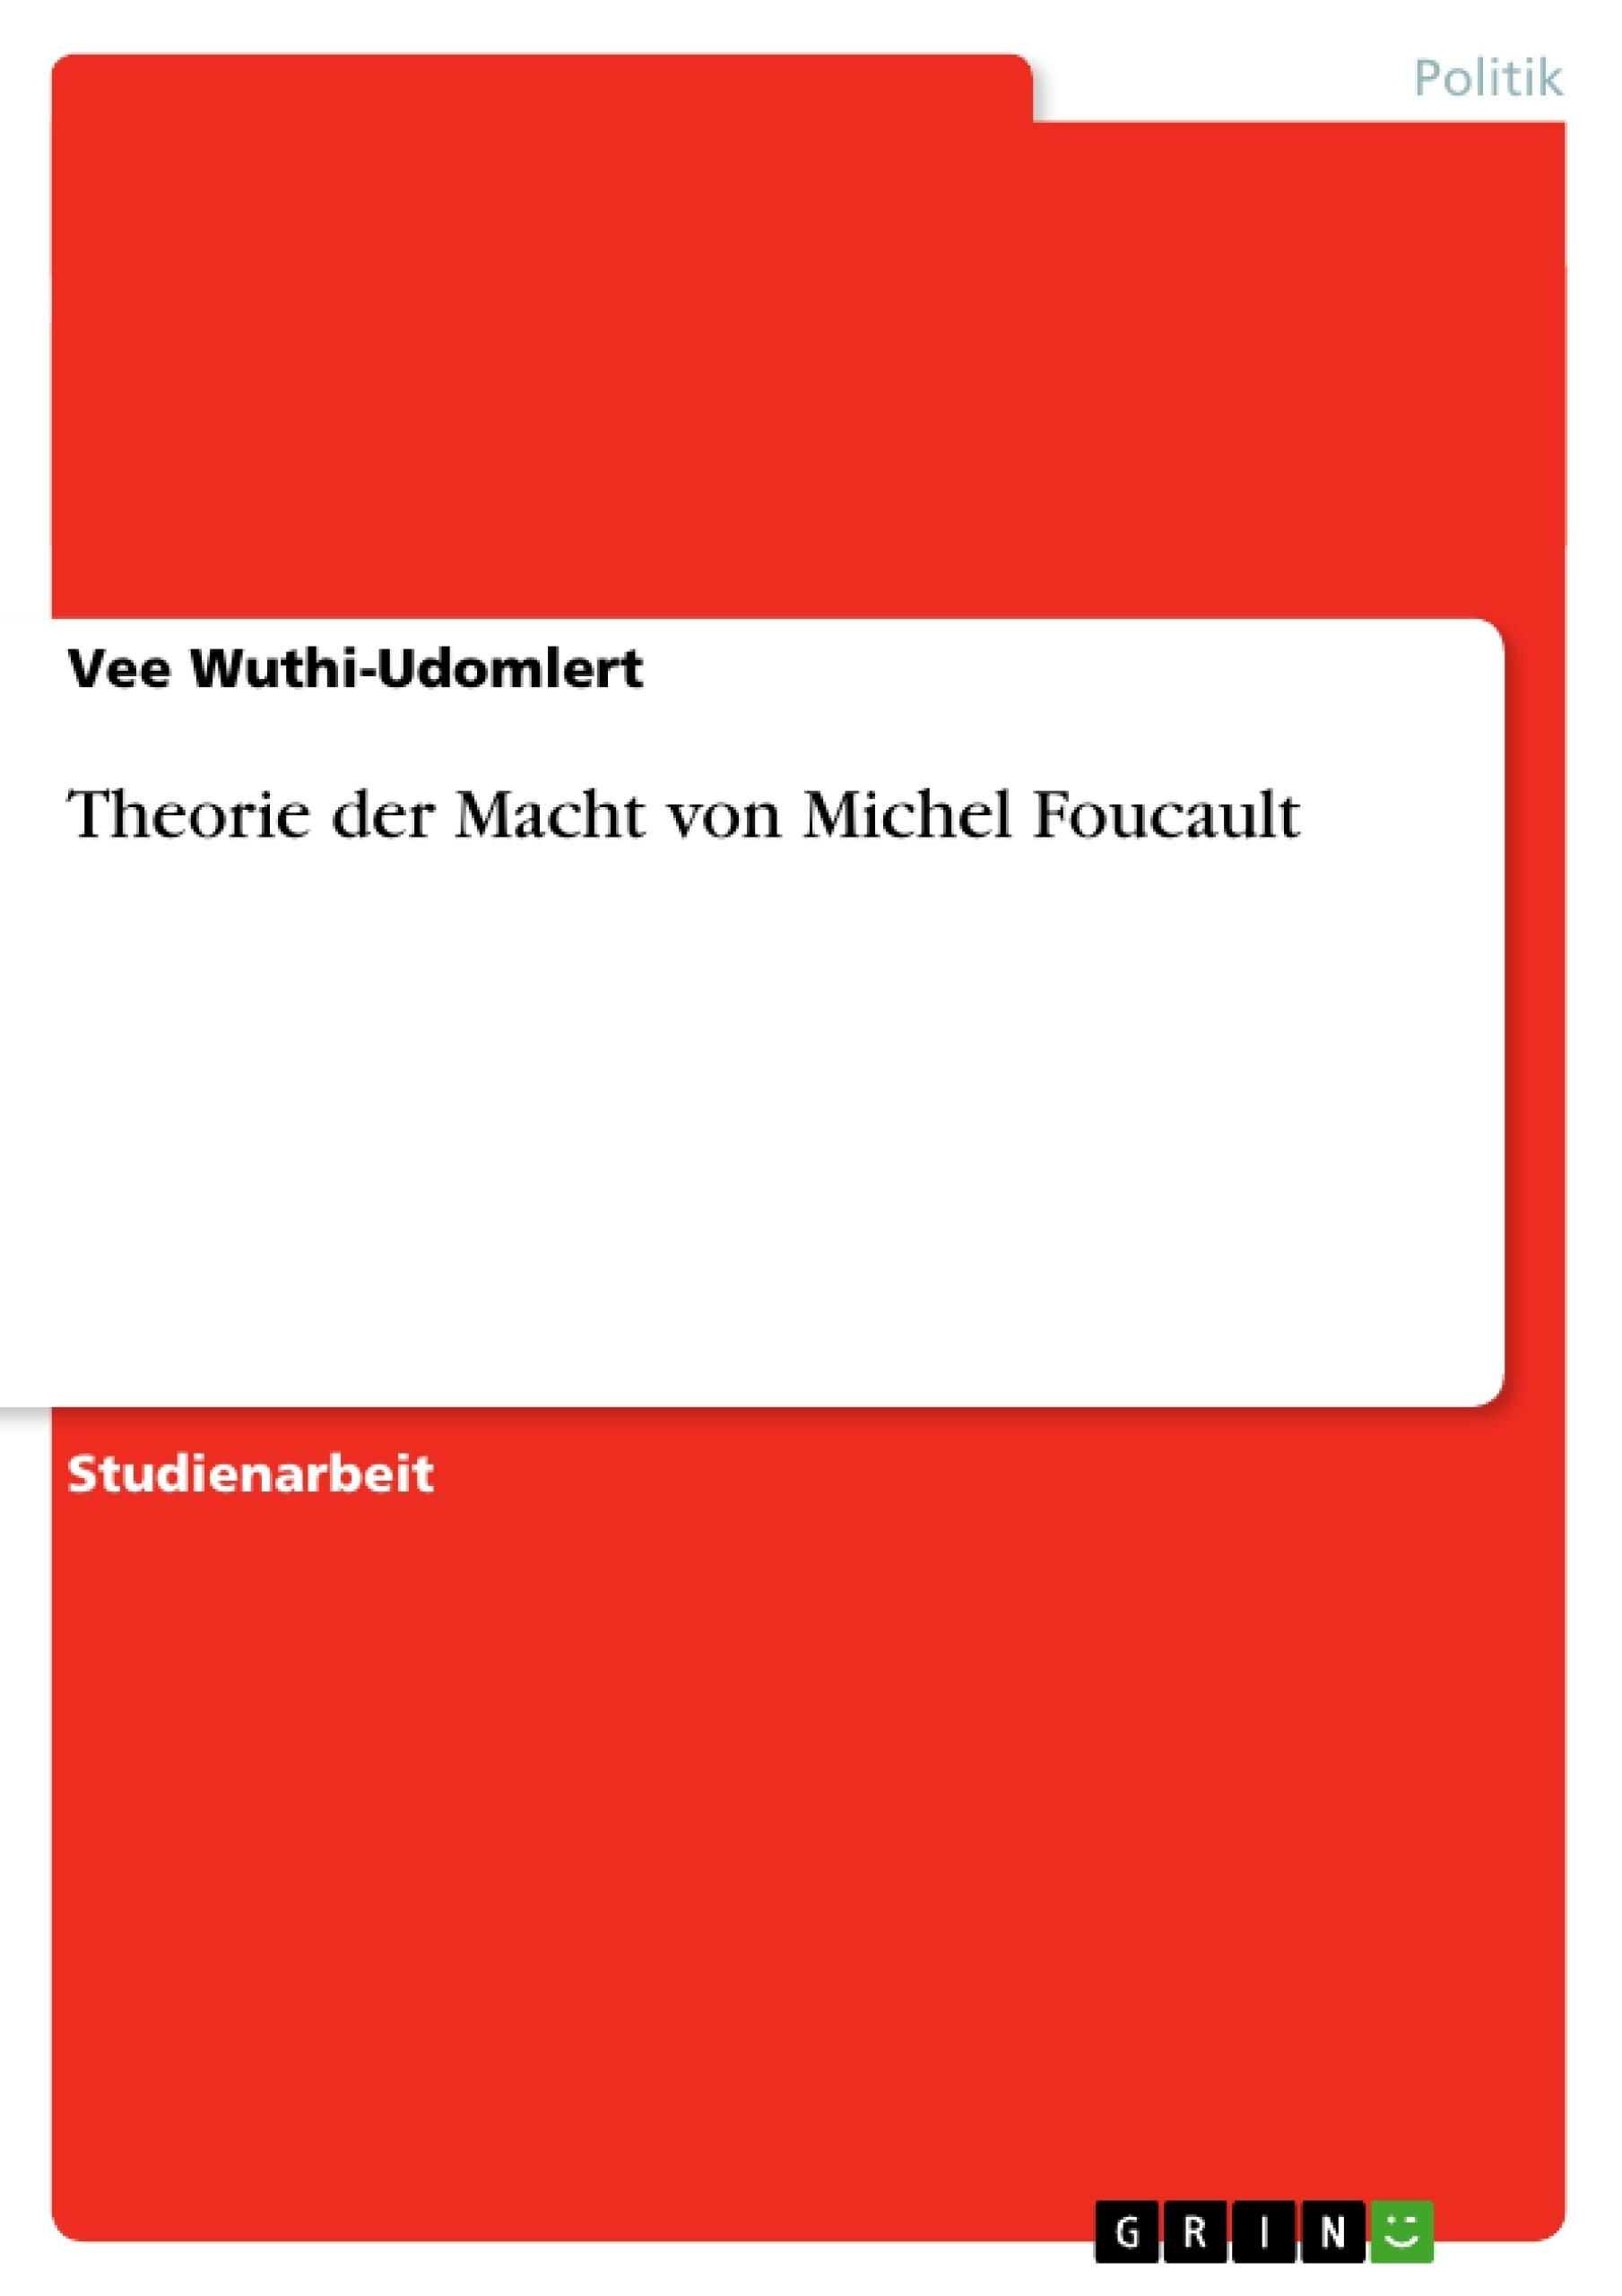 Titel: Theorie der Macht von Michel Foucault